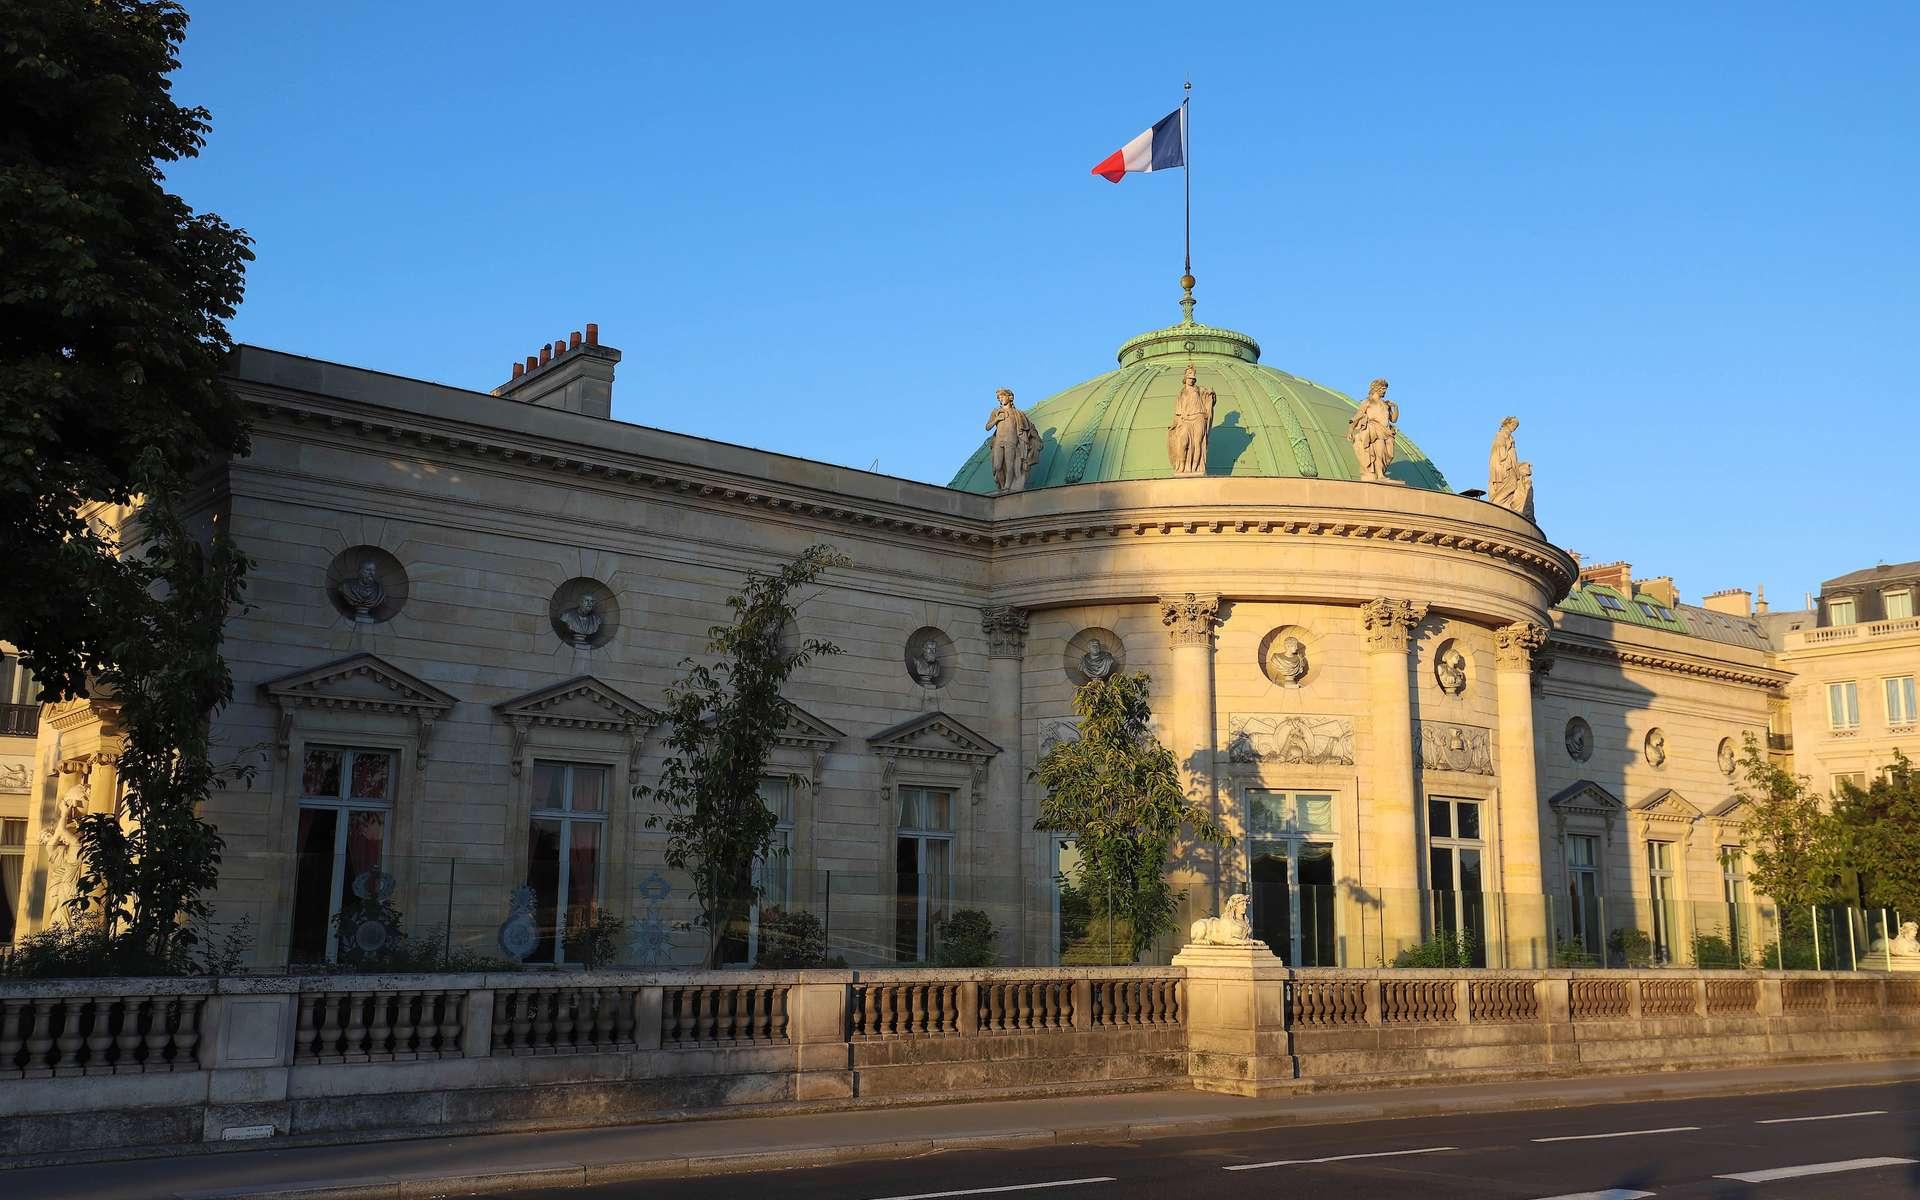 Le musée national de la légion d'honneur, à Paris. © kovalenkovpetr, Adobe Stock